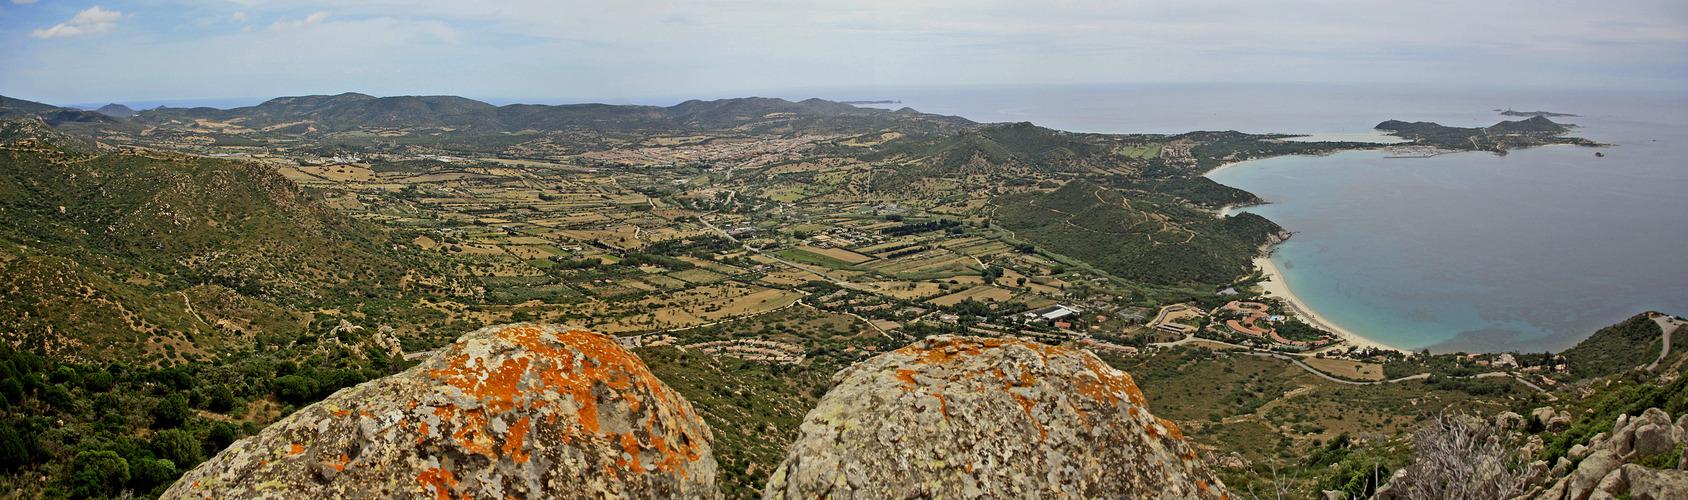 Der Südostzipfel Sardiniens!